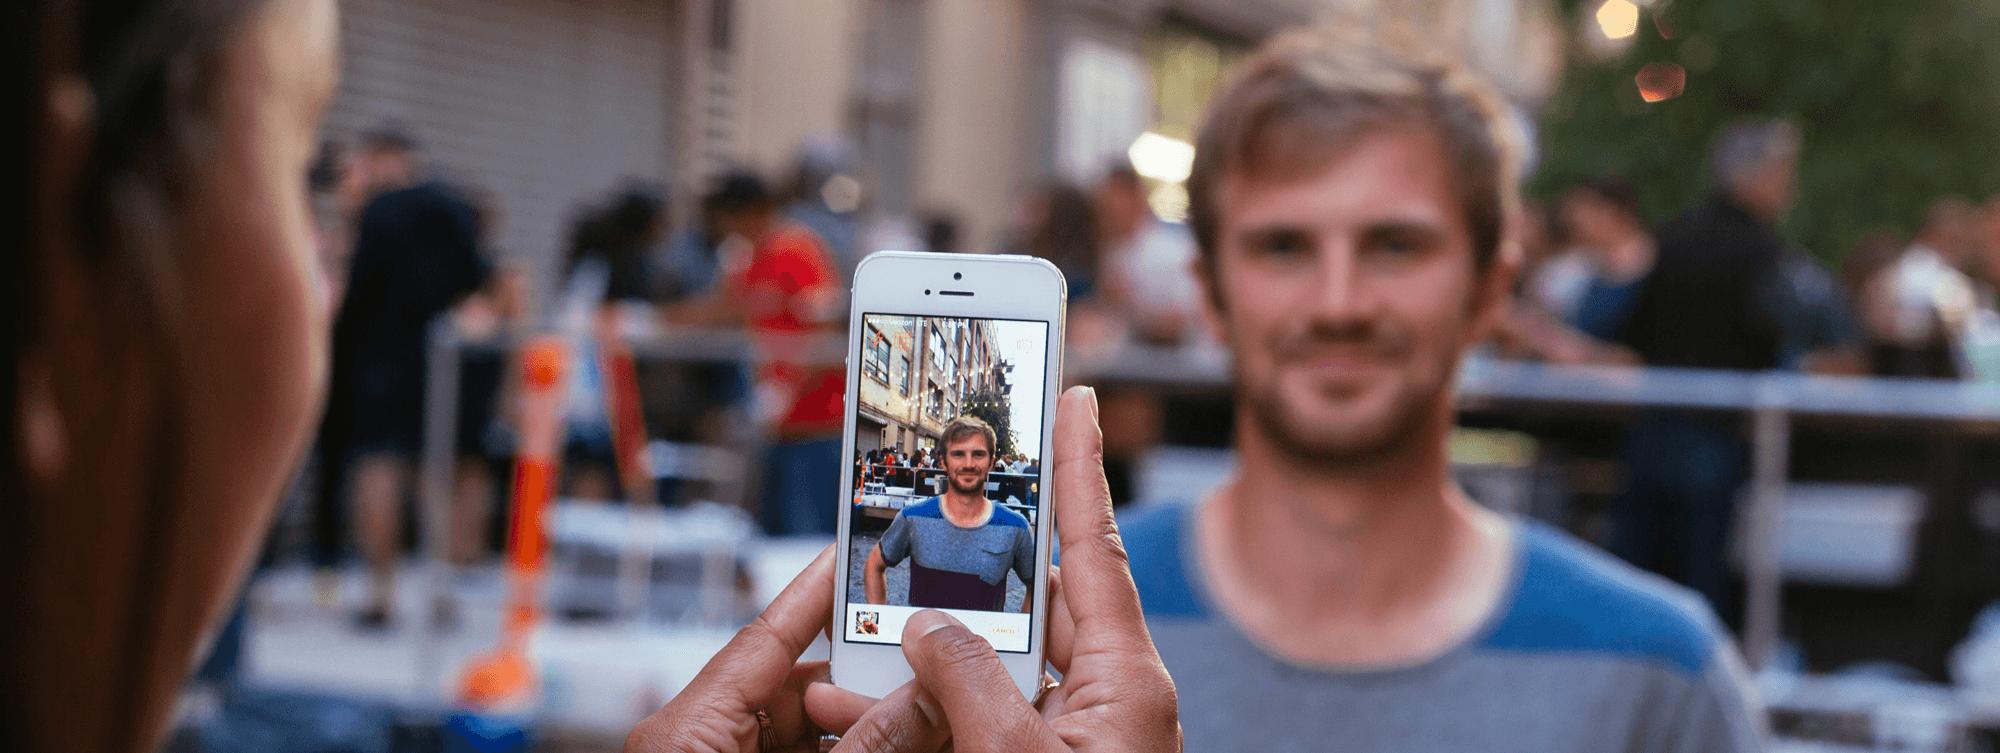 La importancia del videomarketing para las empresas